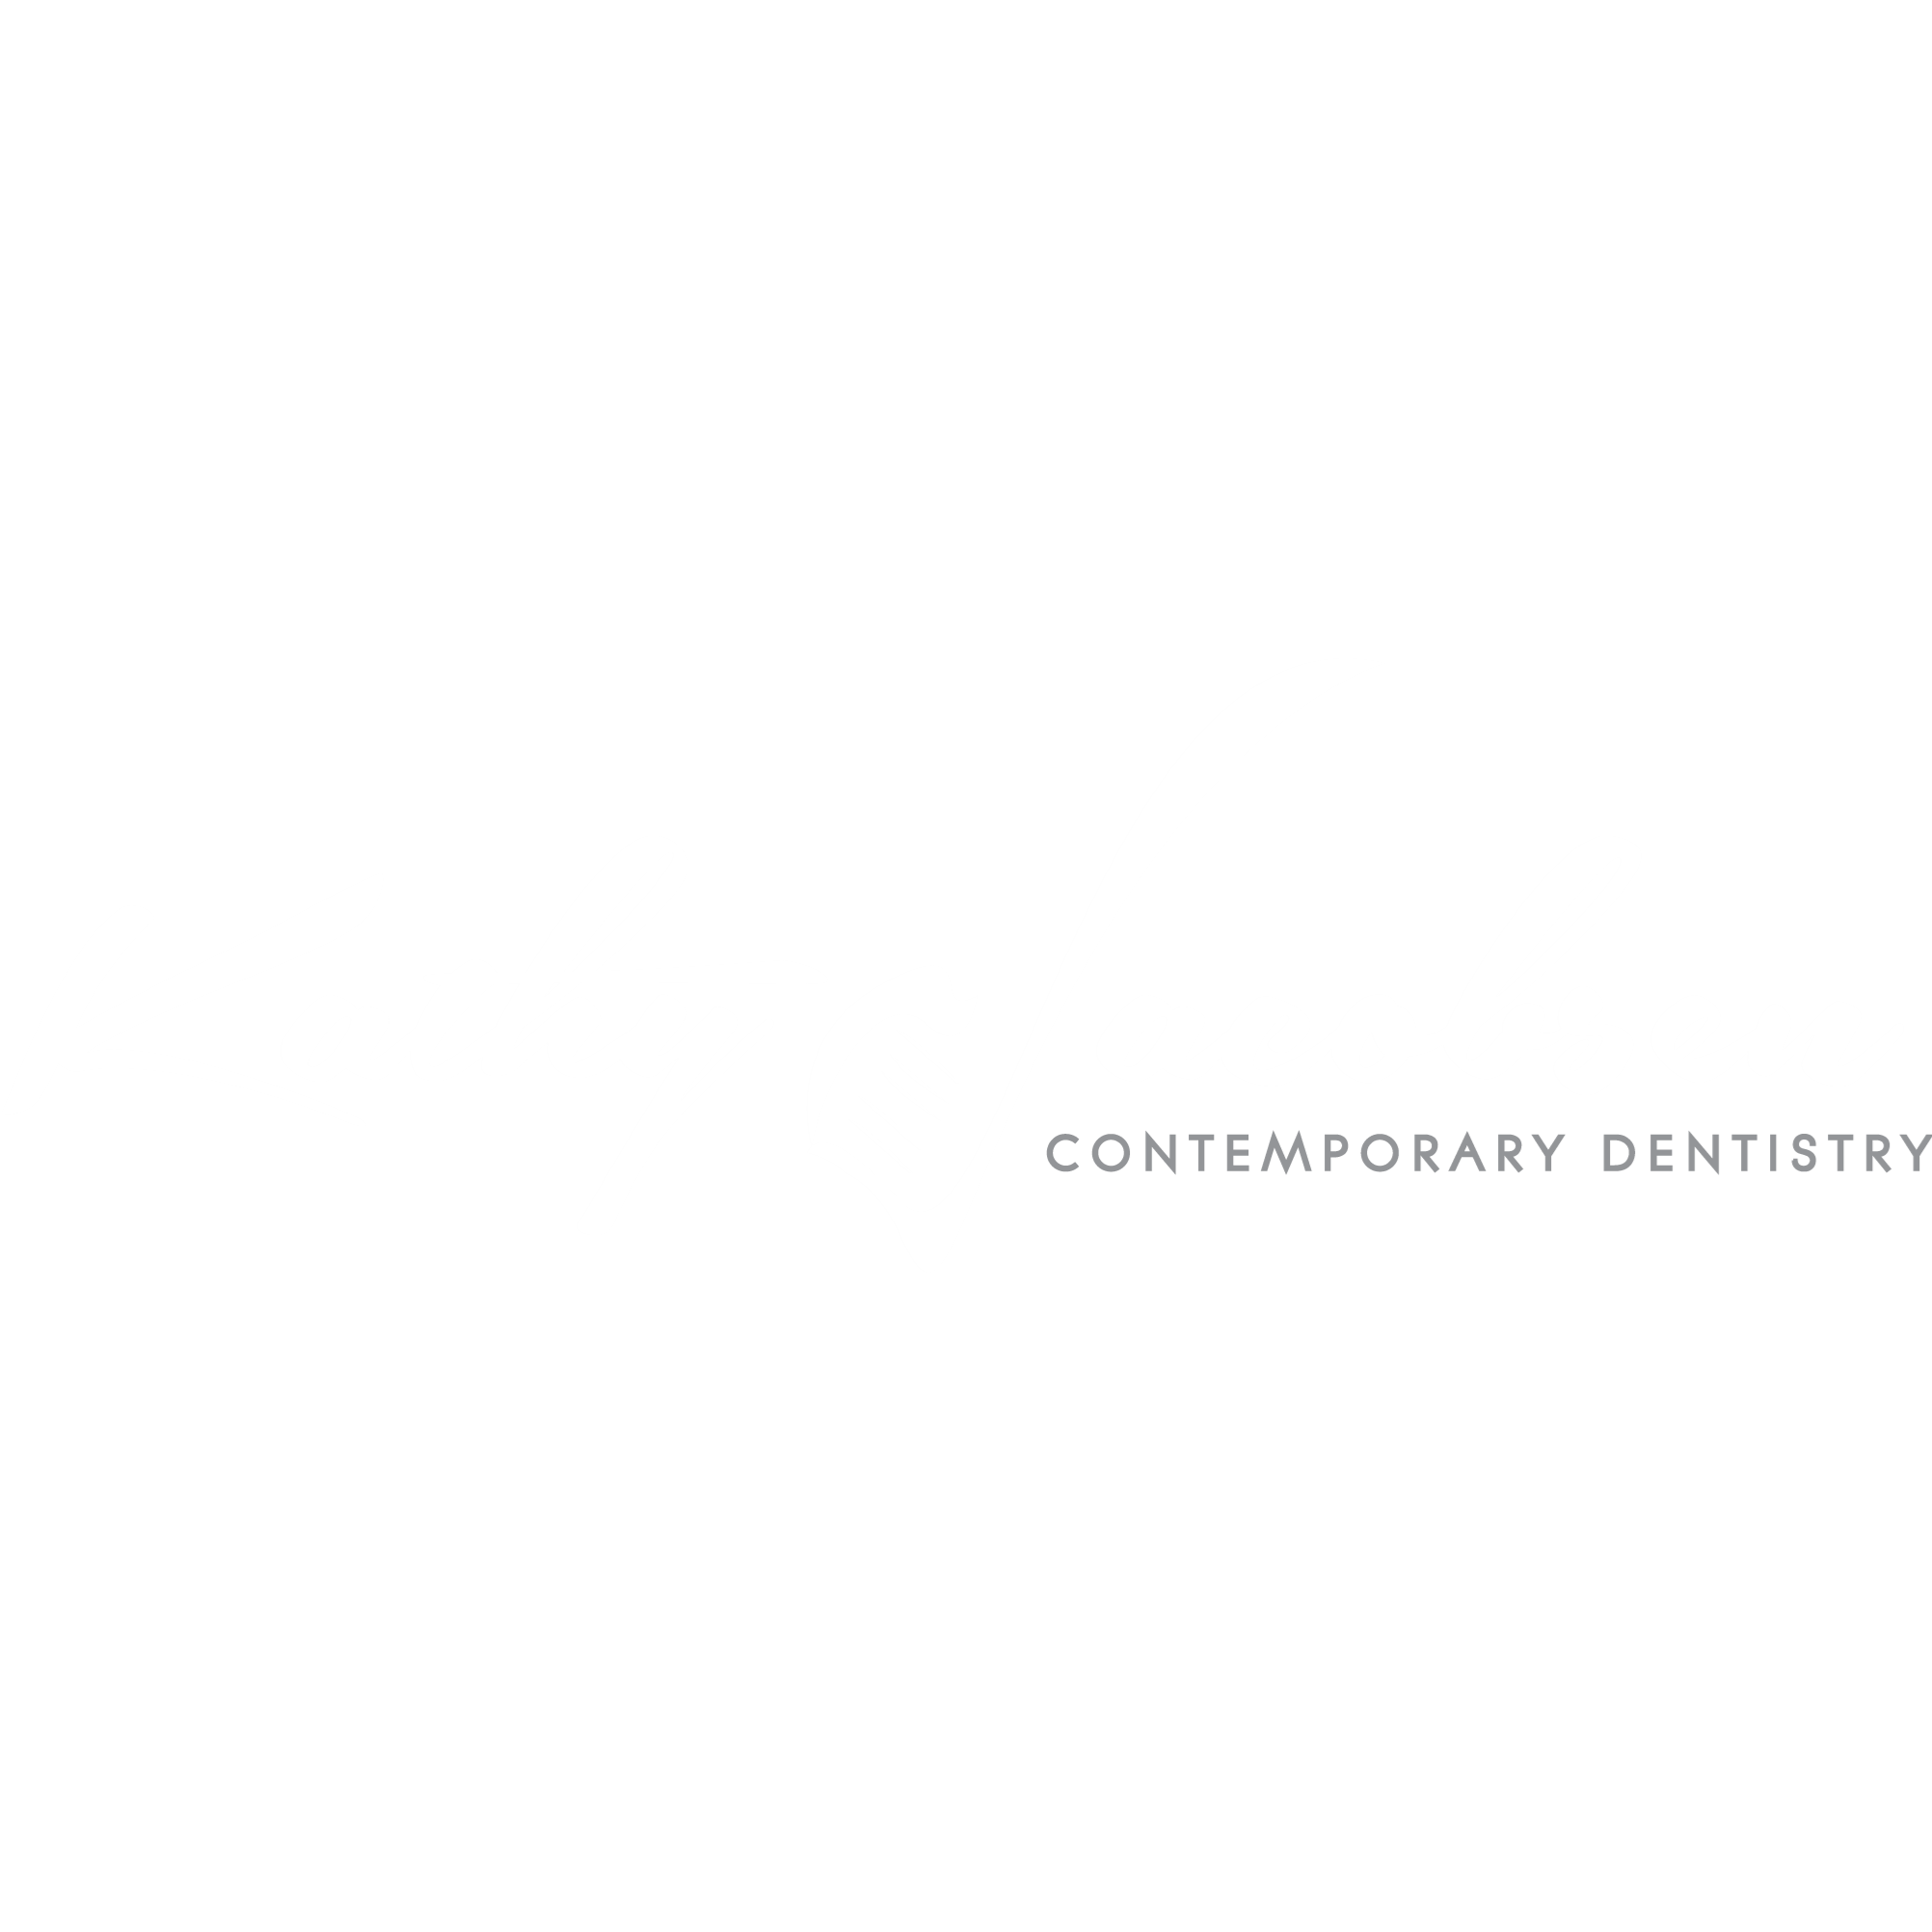 Contemporary Dentistry - Gilbert, AZ 85234 - (480)507-1807 | ShowMeLocal.com